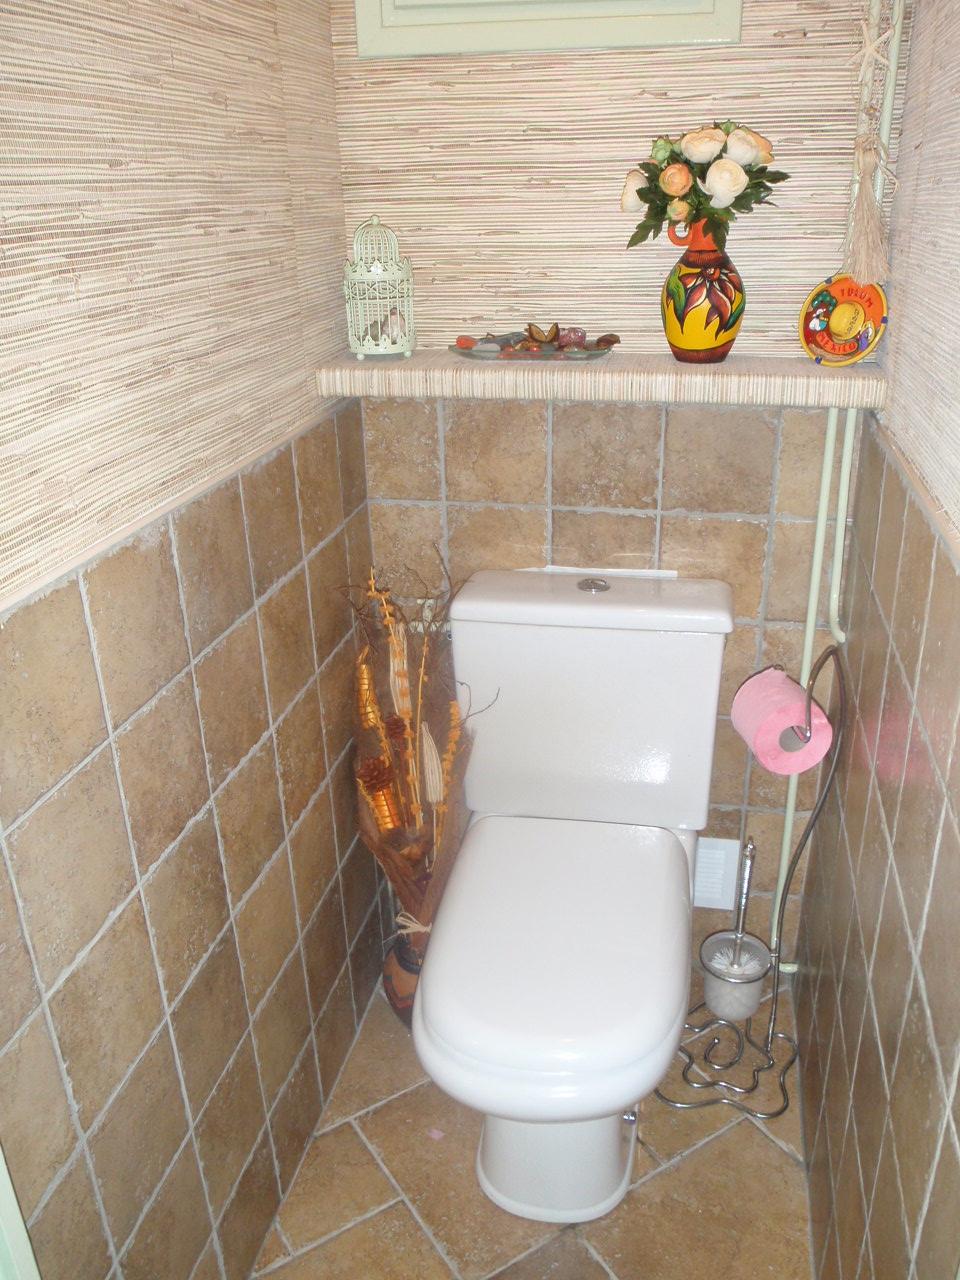 carrelage blanc pour wc - atwebster.fr - maison et mobilier